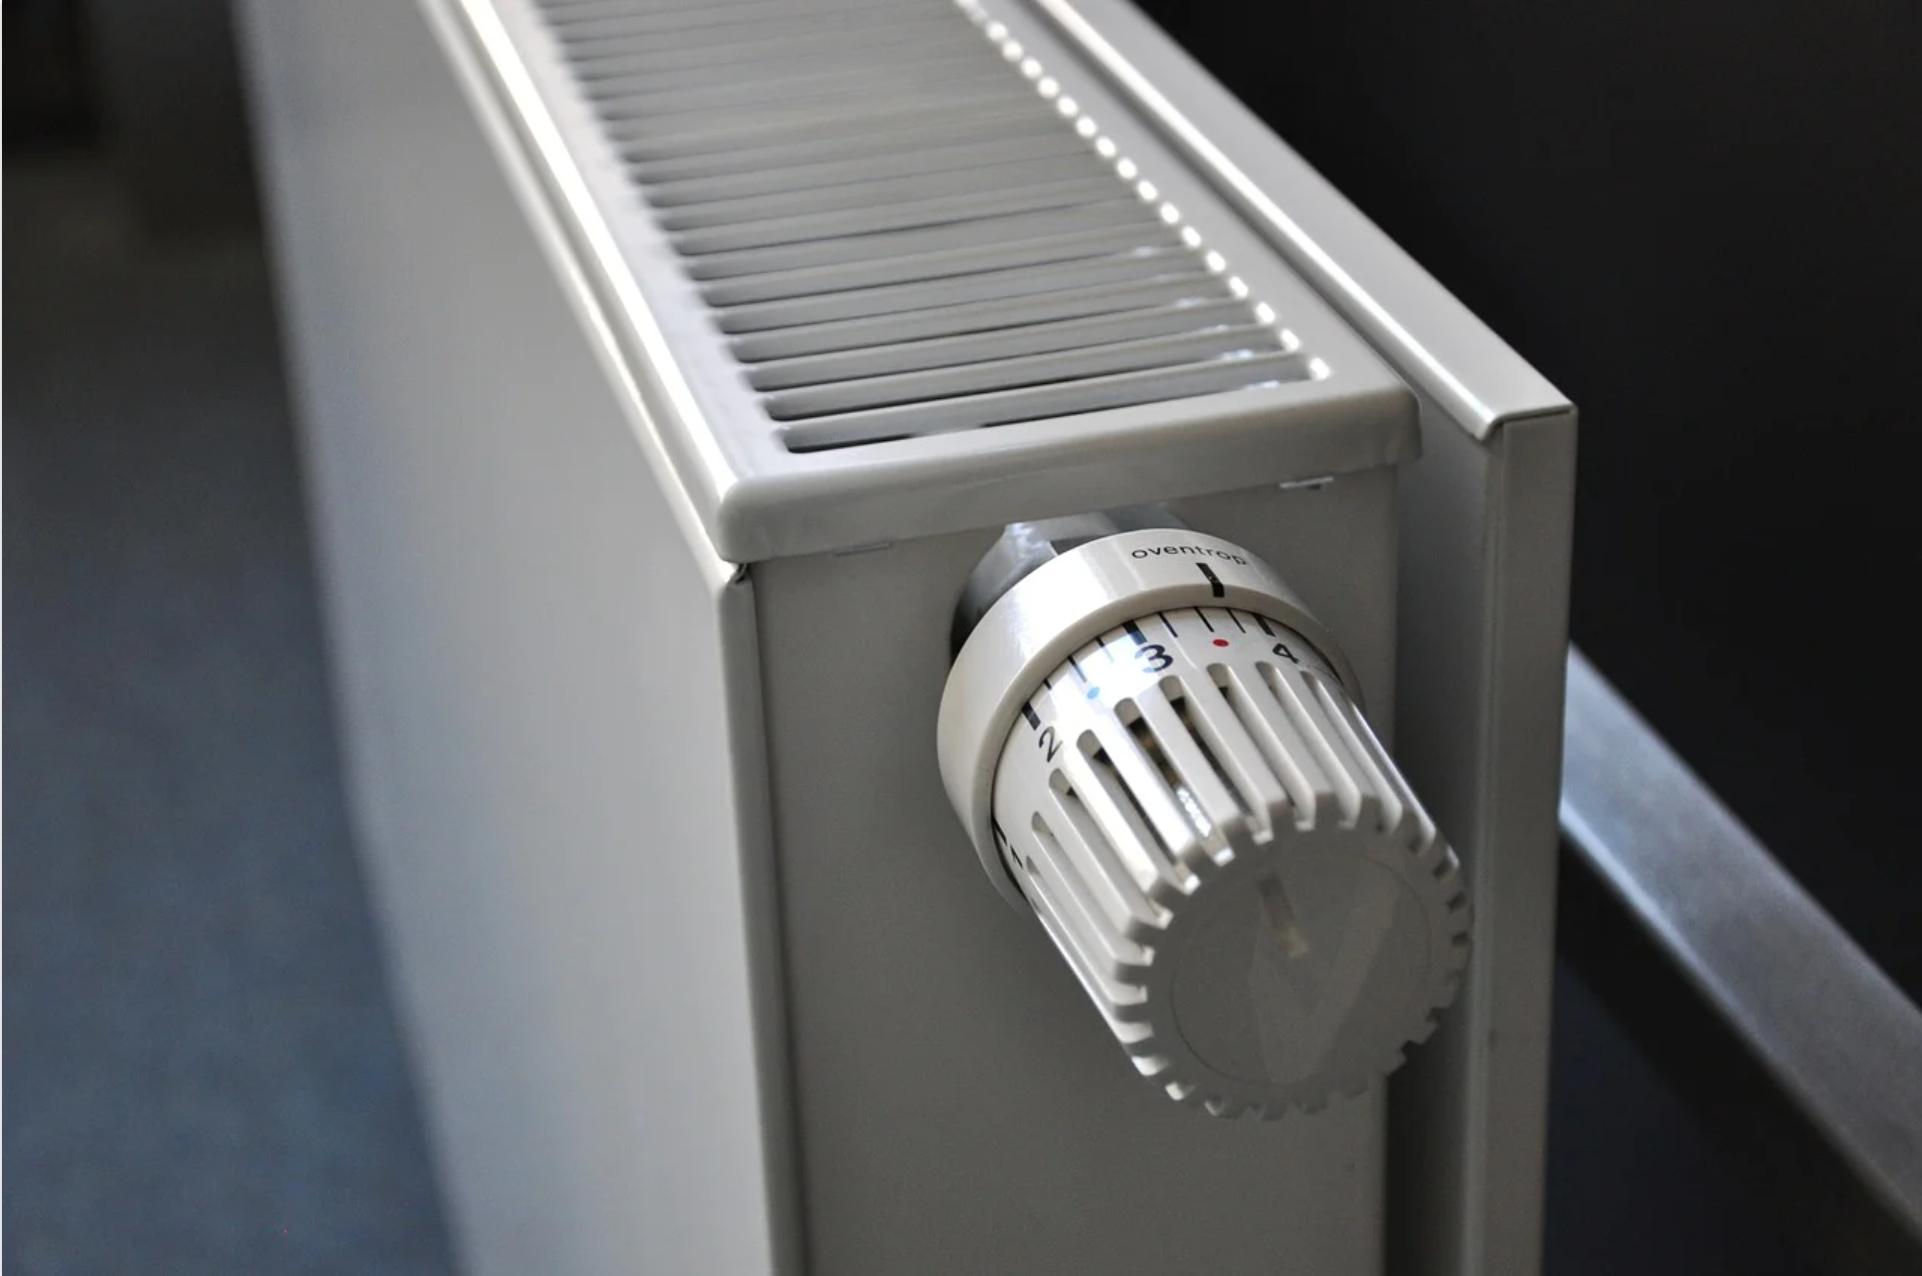 Elektrické, plynové nebo kotle na tuhá paliva? Jak vybrat to správné teplo pro váš domov?